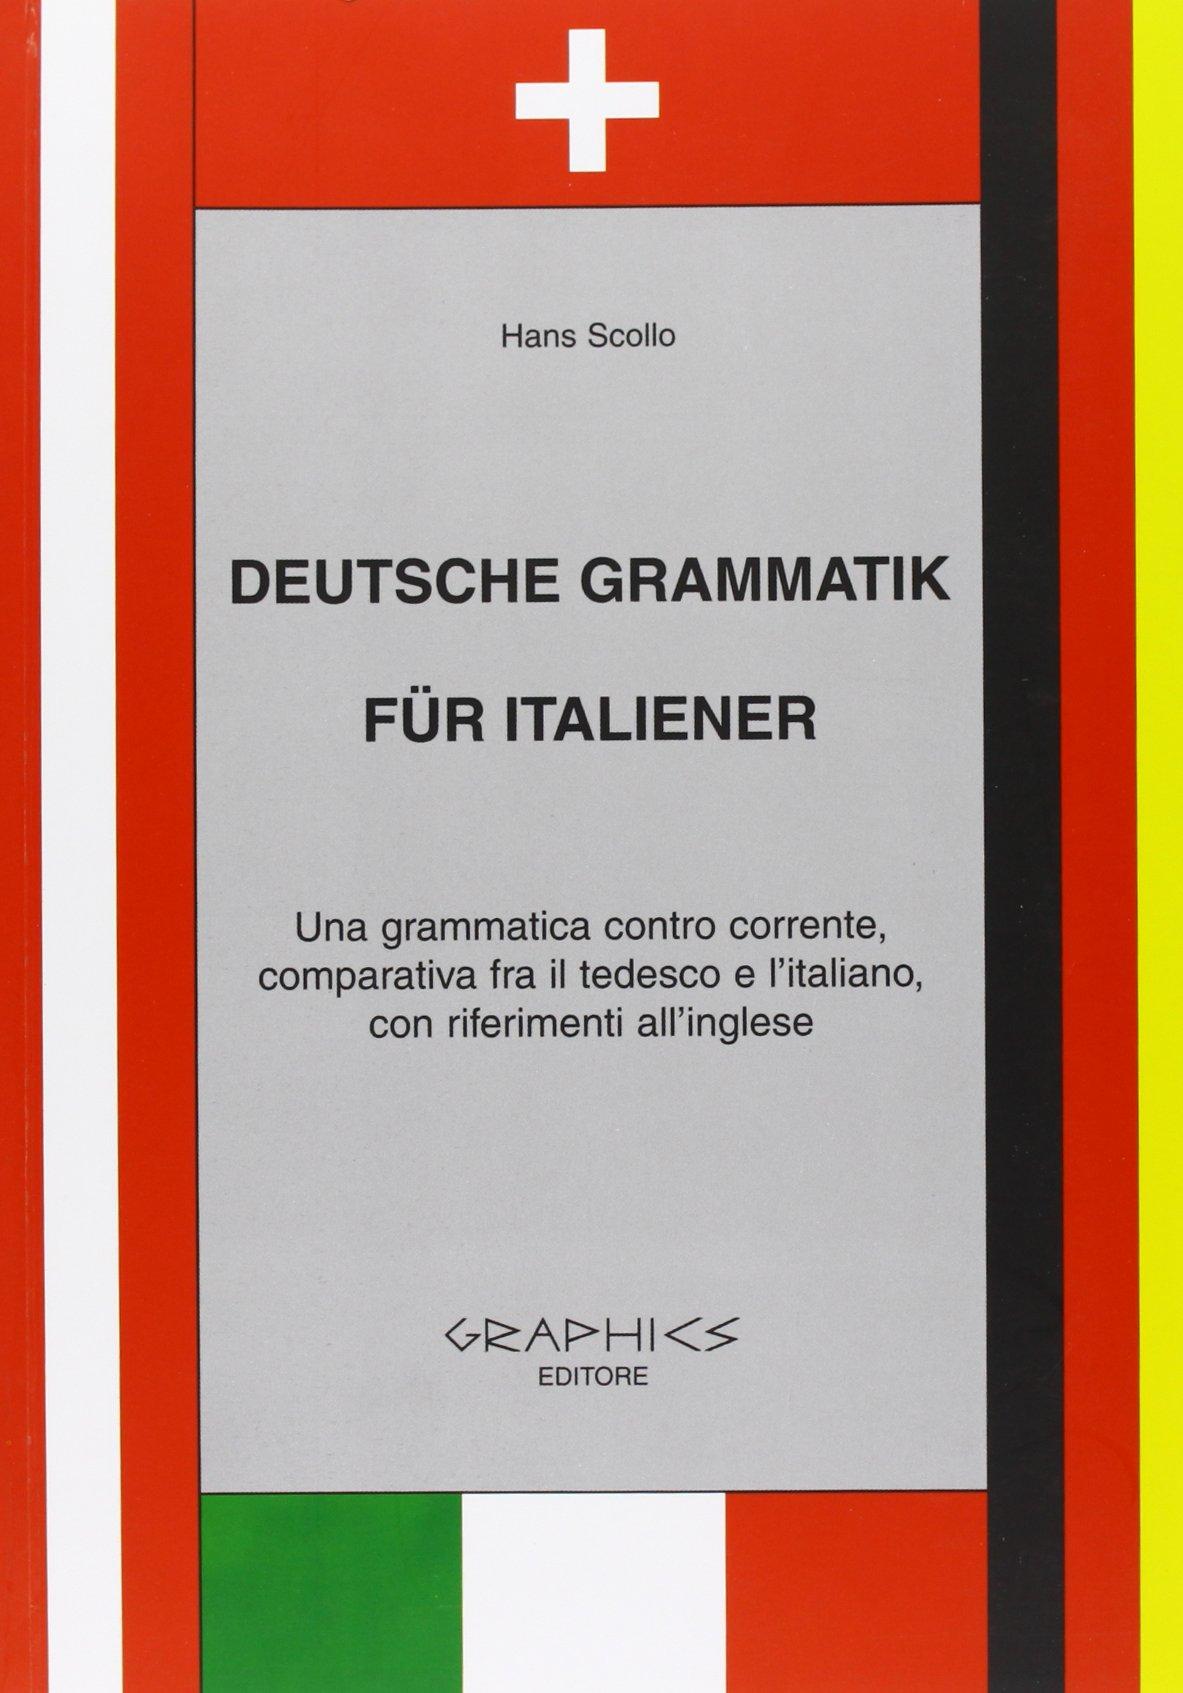 Deutsche Grammatik fur italiener. Una grammatica contro corrente, comparativa tra il tedesco e l'italiano, con riferimenti all'inglese. Per le Scuole superiori